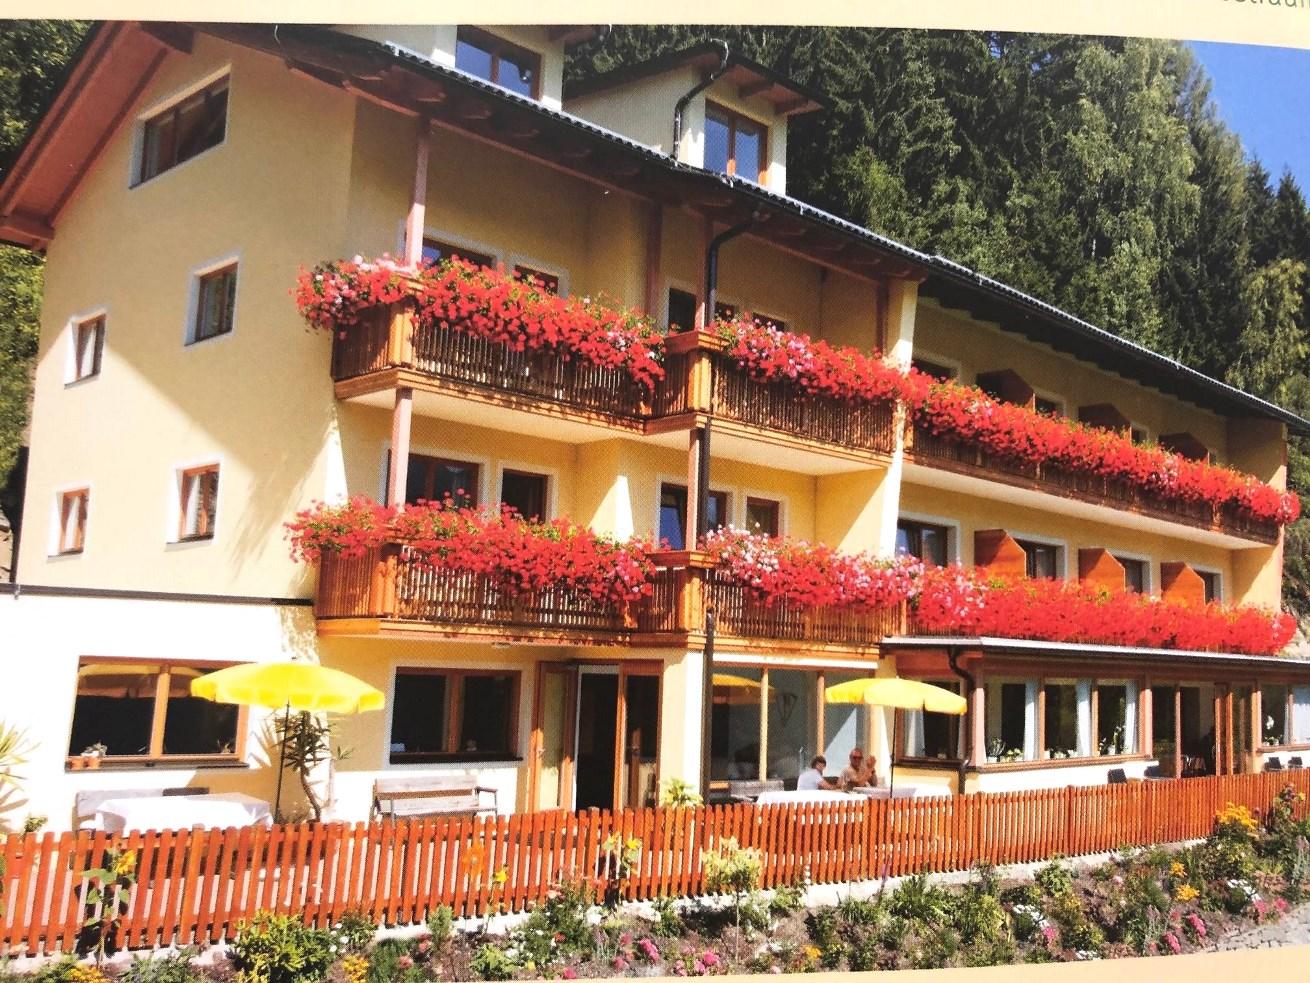 Bad Kleinkirchheim, Kaernten, Investitionsobjekt 3 Sterne Hotel in absoluter Sonnenlage!!